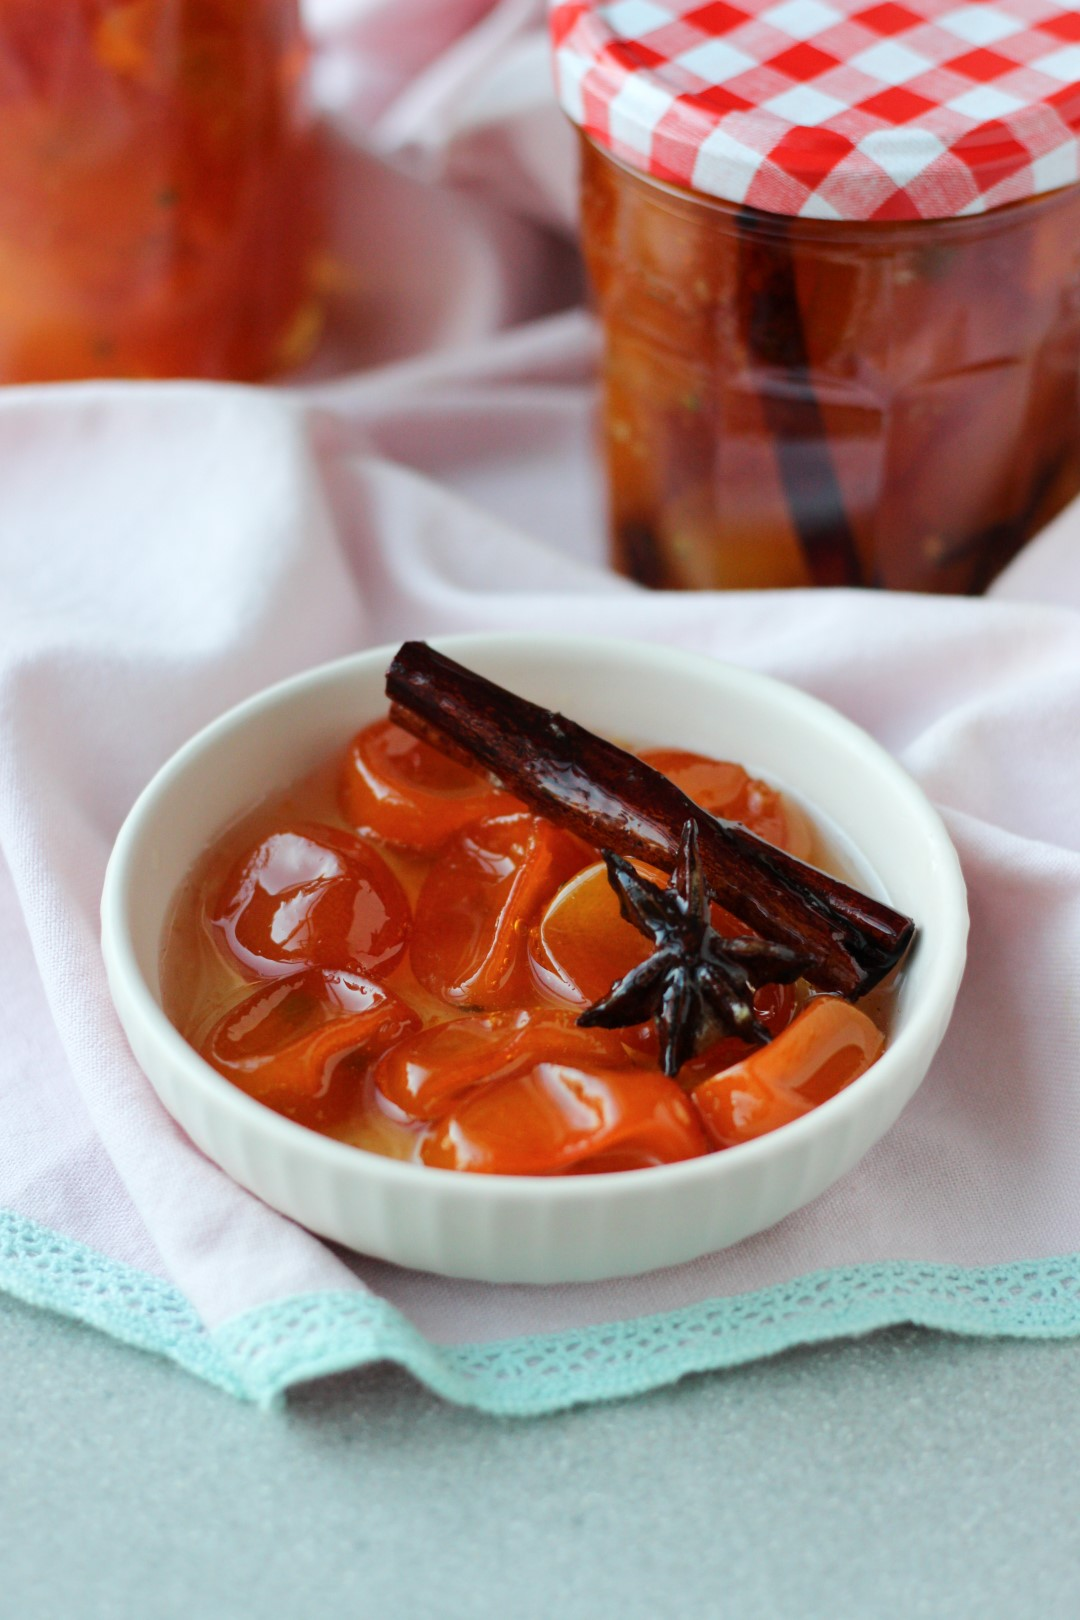 quinotos en almíbar, receta rápida, fruta en almíbar, recetas Essen.